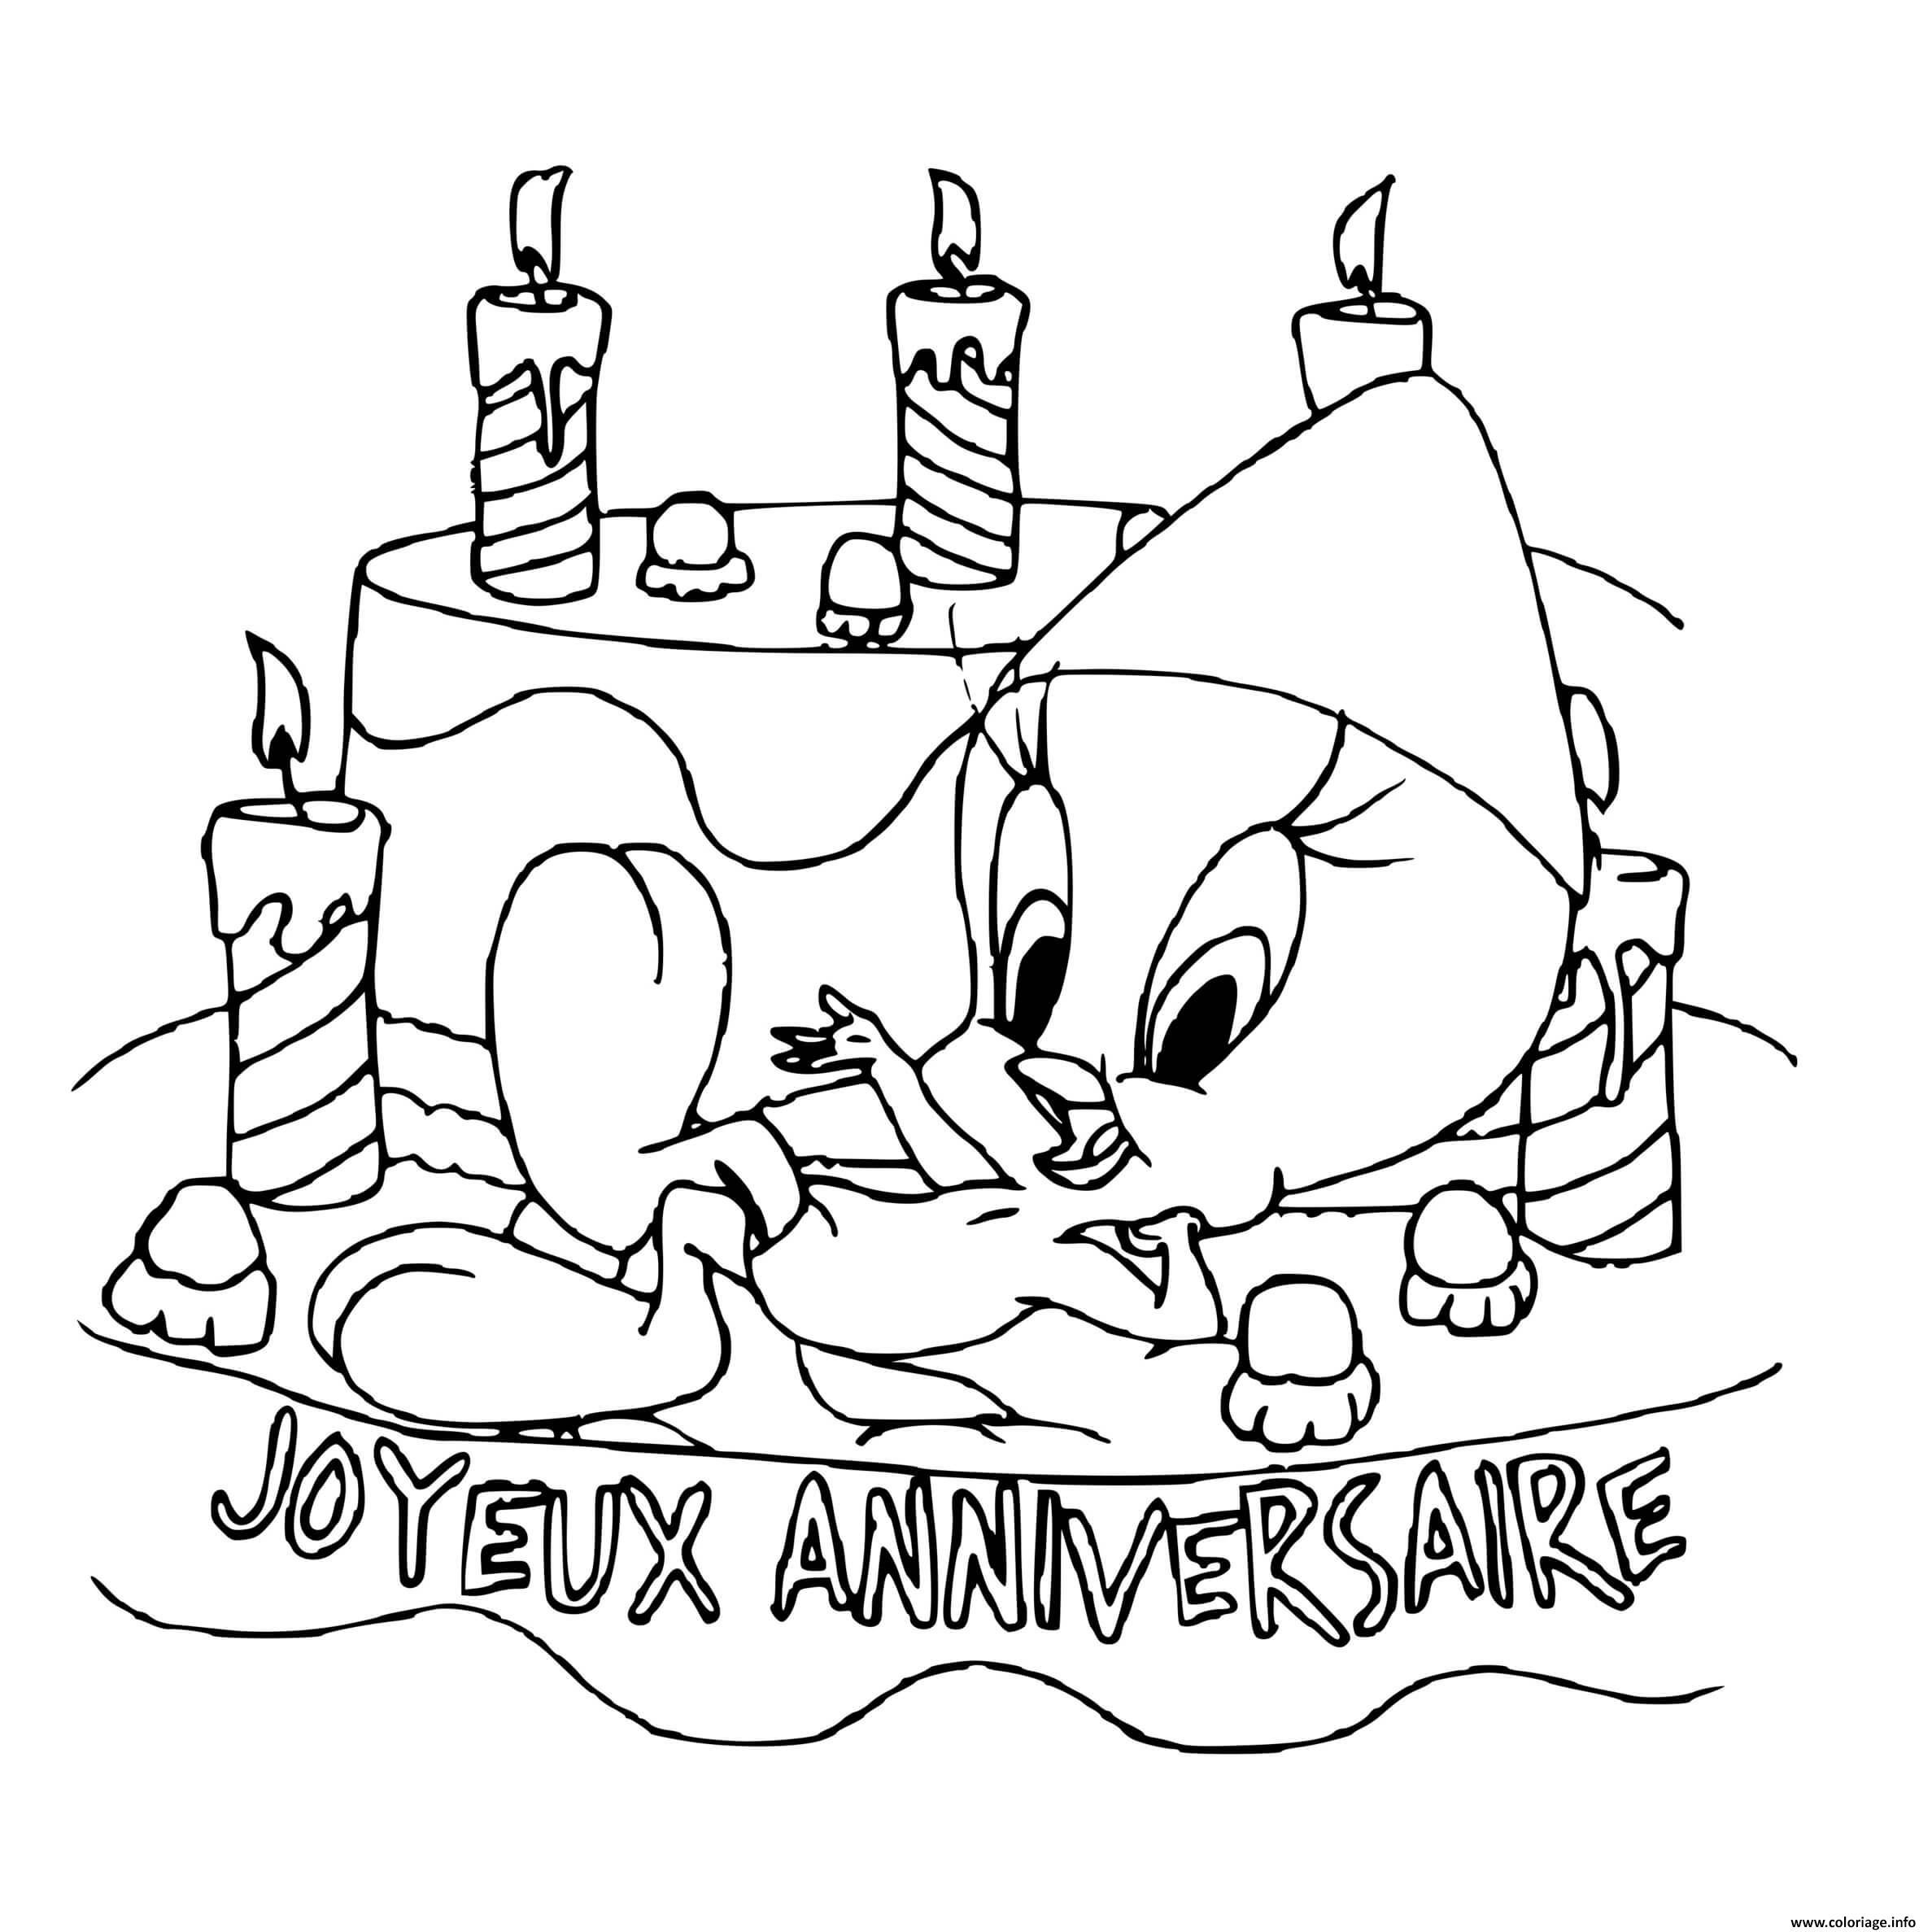 Dessin titi anniversaire Coloriage Gratuit à Imprimer